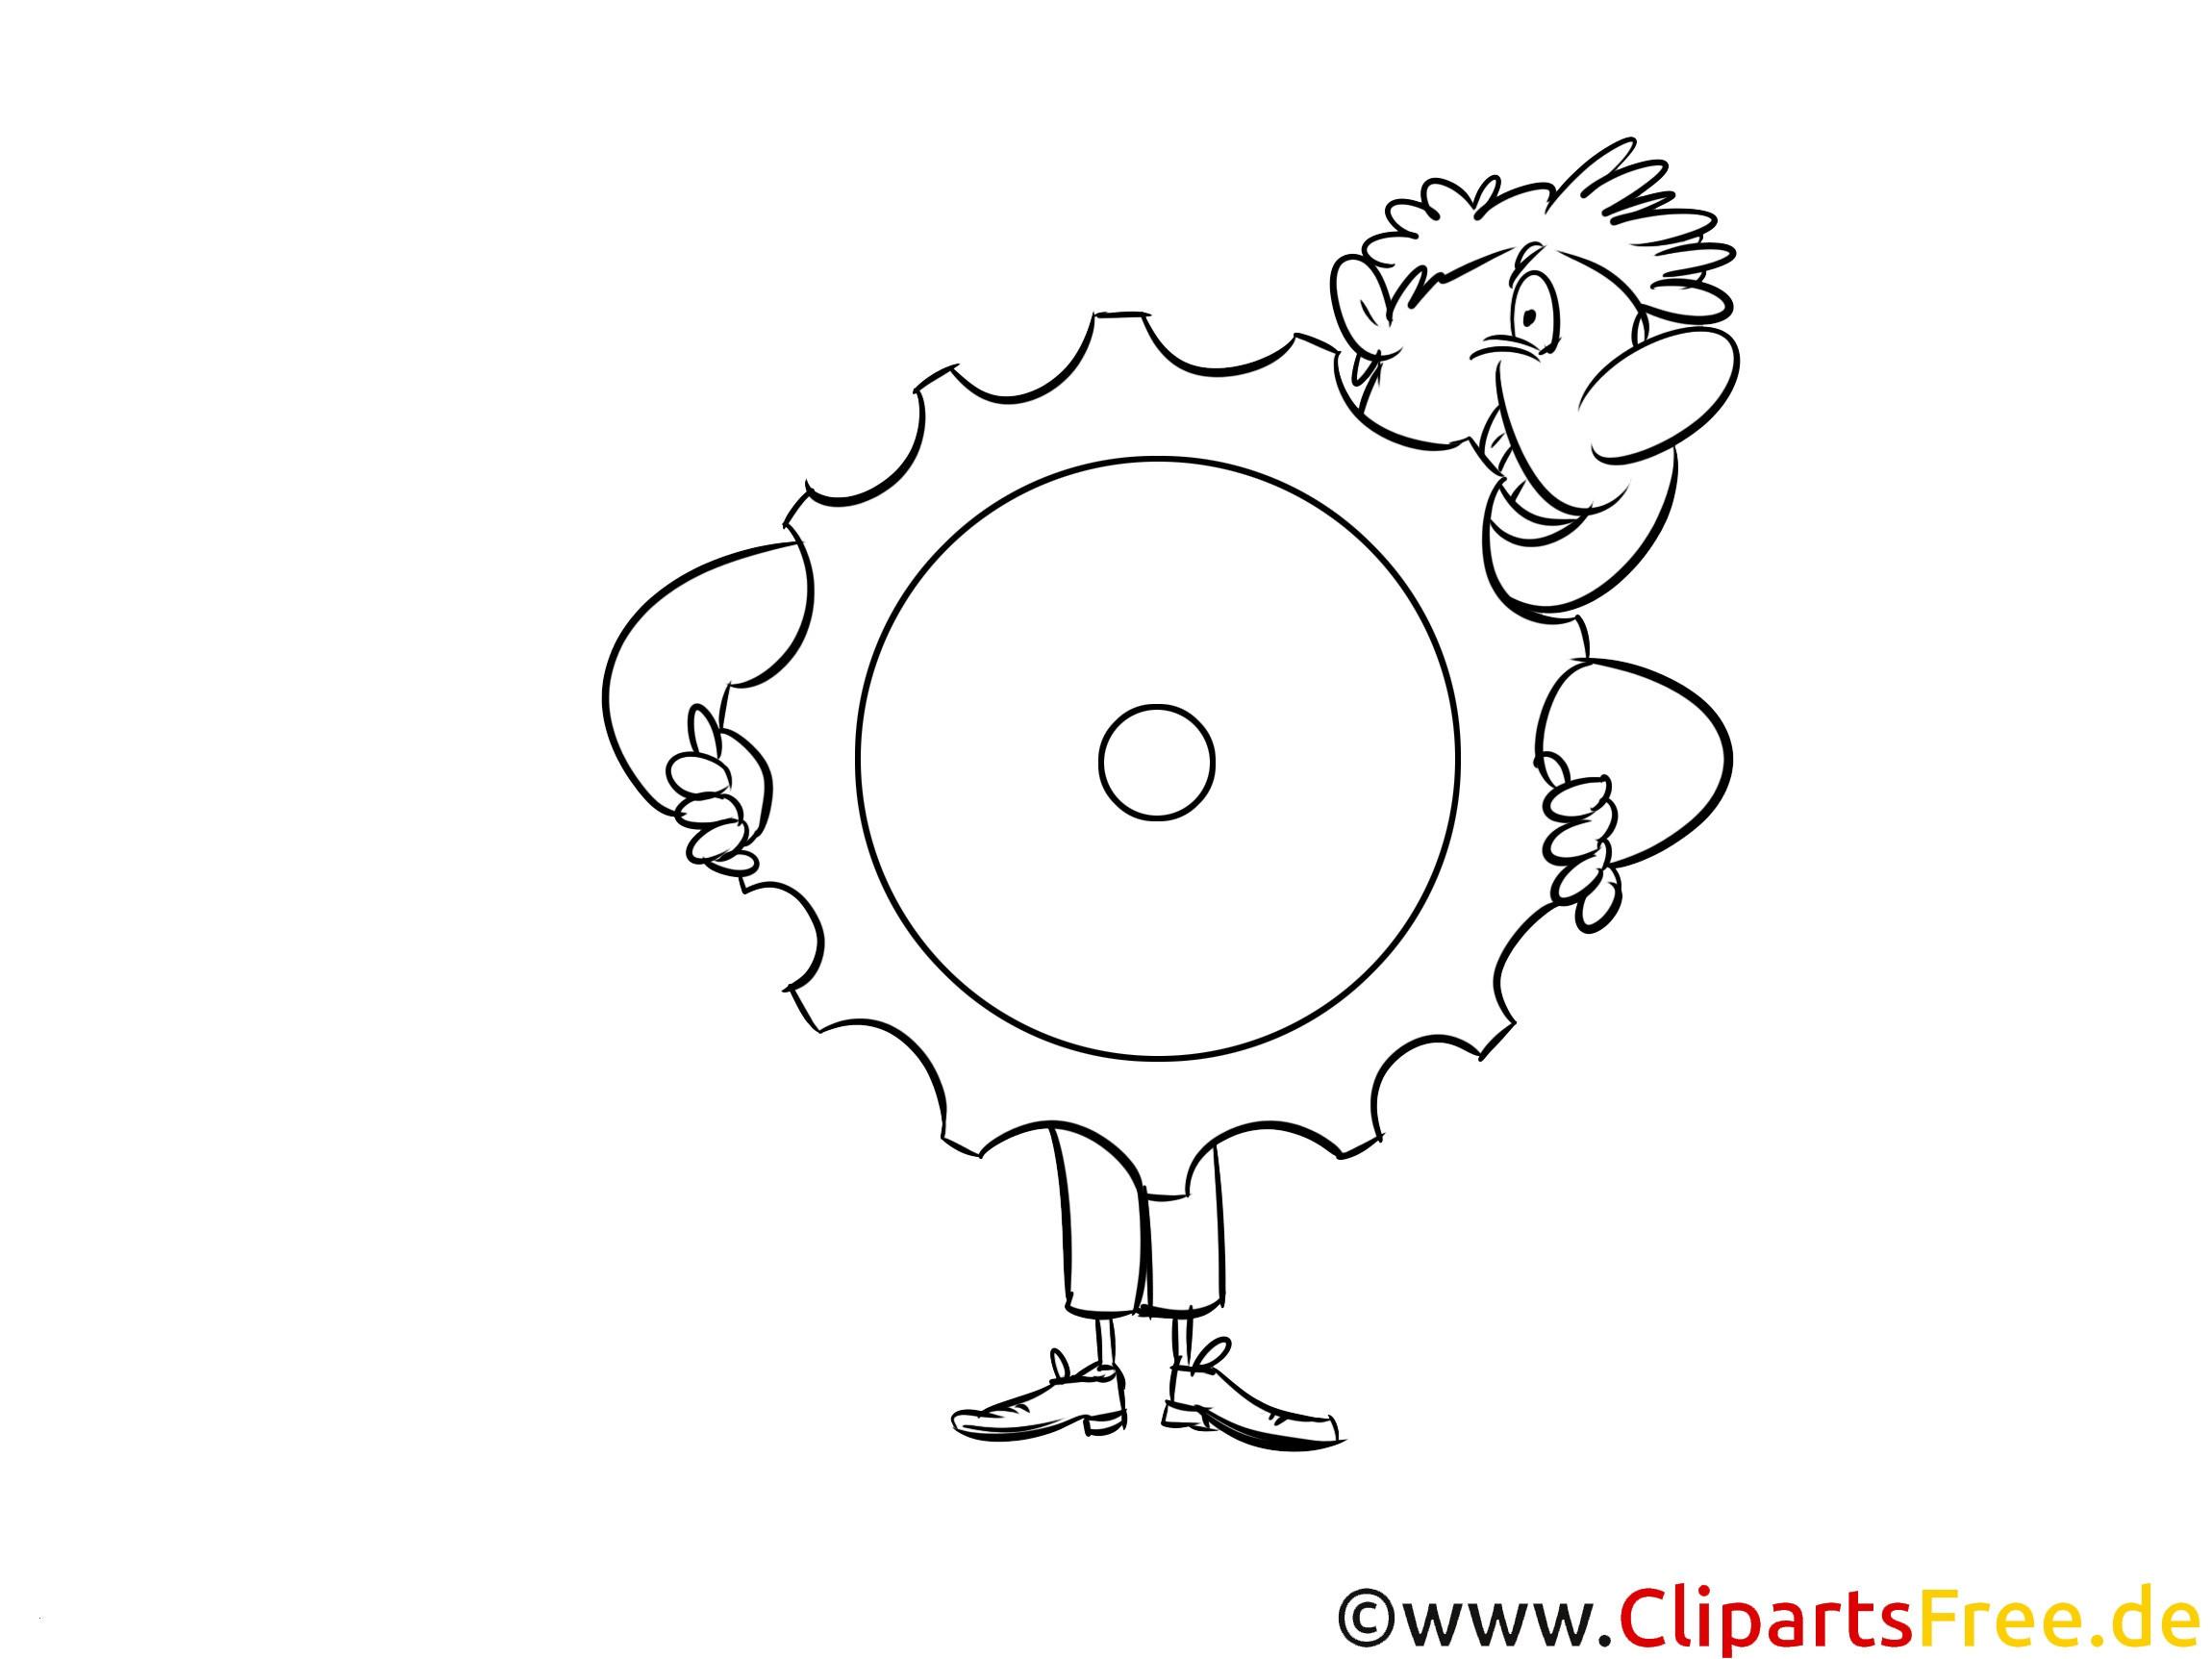 Ausmalbilder Winnie Pooh Und Seine Freunde Malvorlagen Neu Malvorlagen 6 Das Beste Von Malvorlagen 6 Beas Winnie Pooh Bild